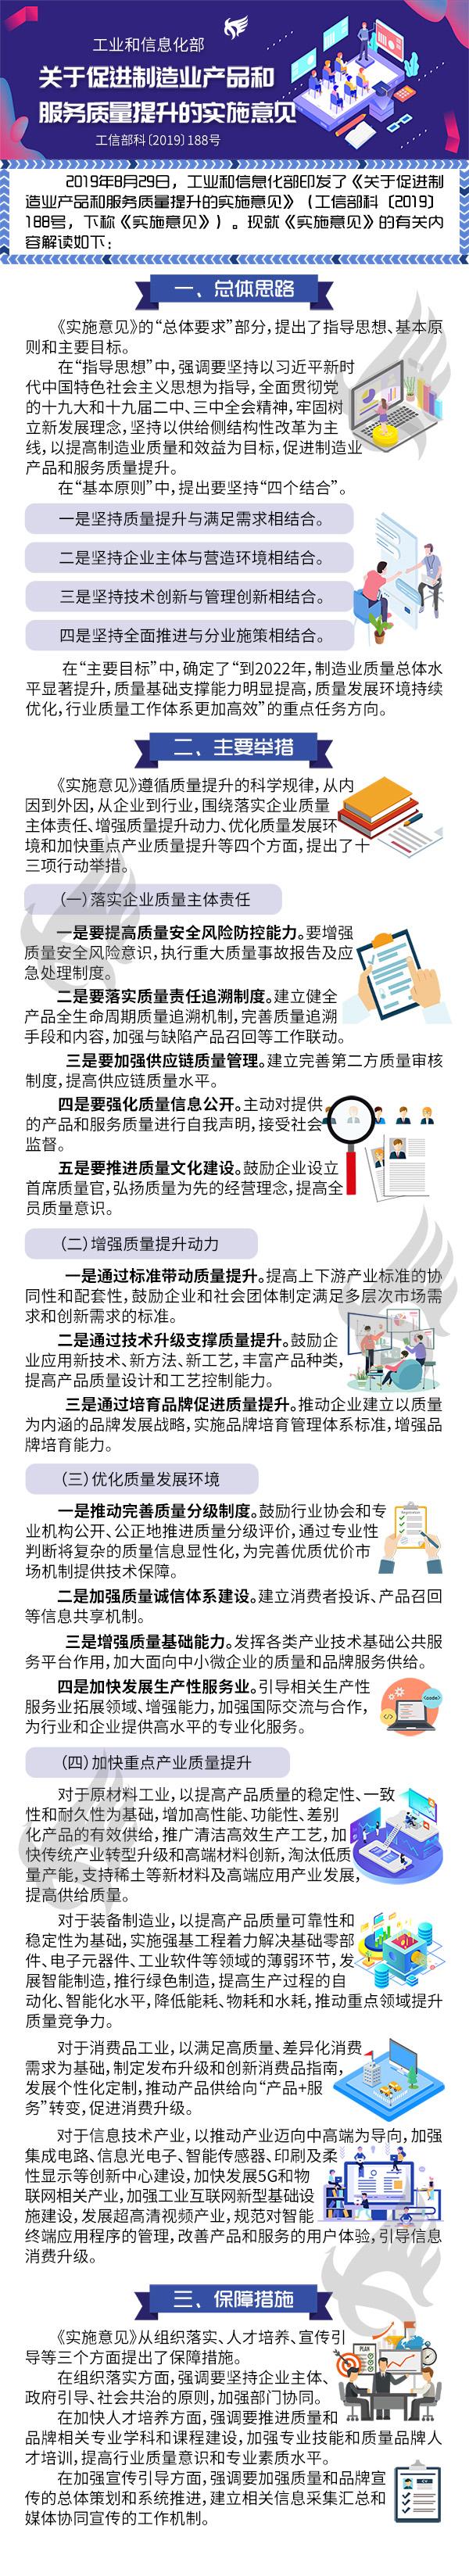 解读-工业和信息化部关于促进制造业产品和服务质量提升的实施意见(1).jpg